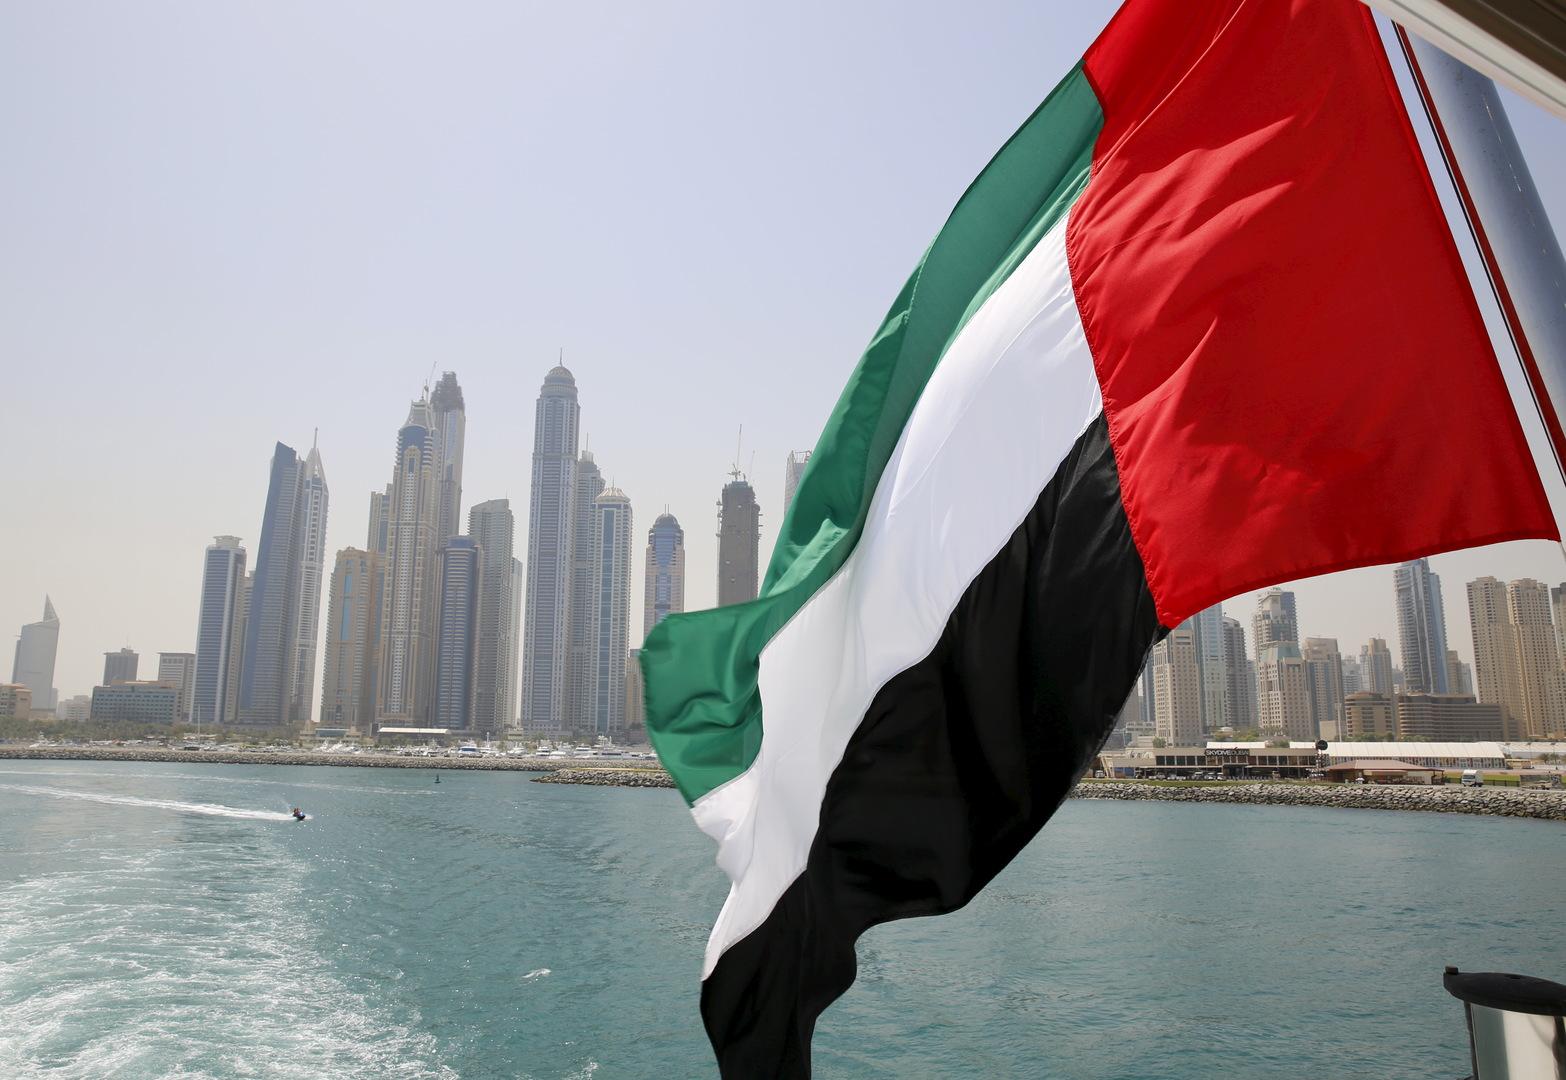 الإمارات تعلق على التطورات الأخيرة في أفغانستان